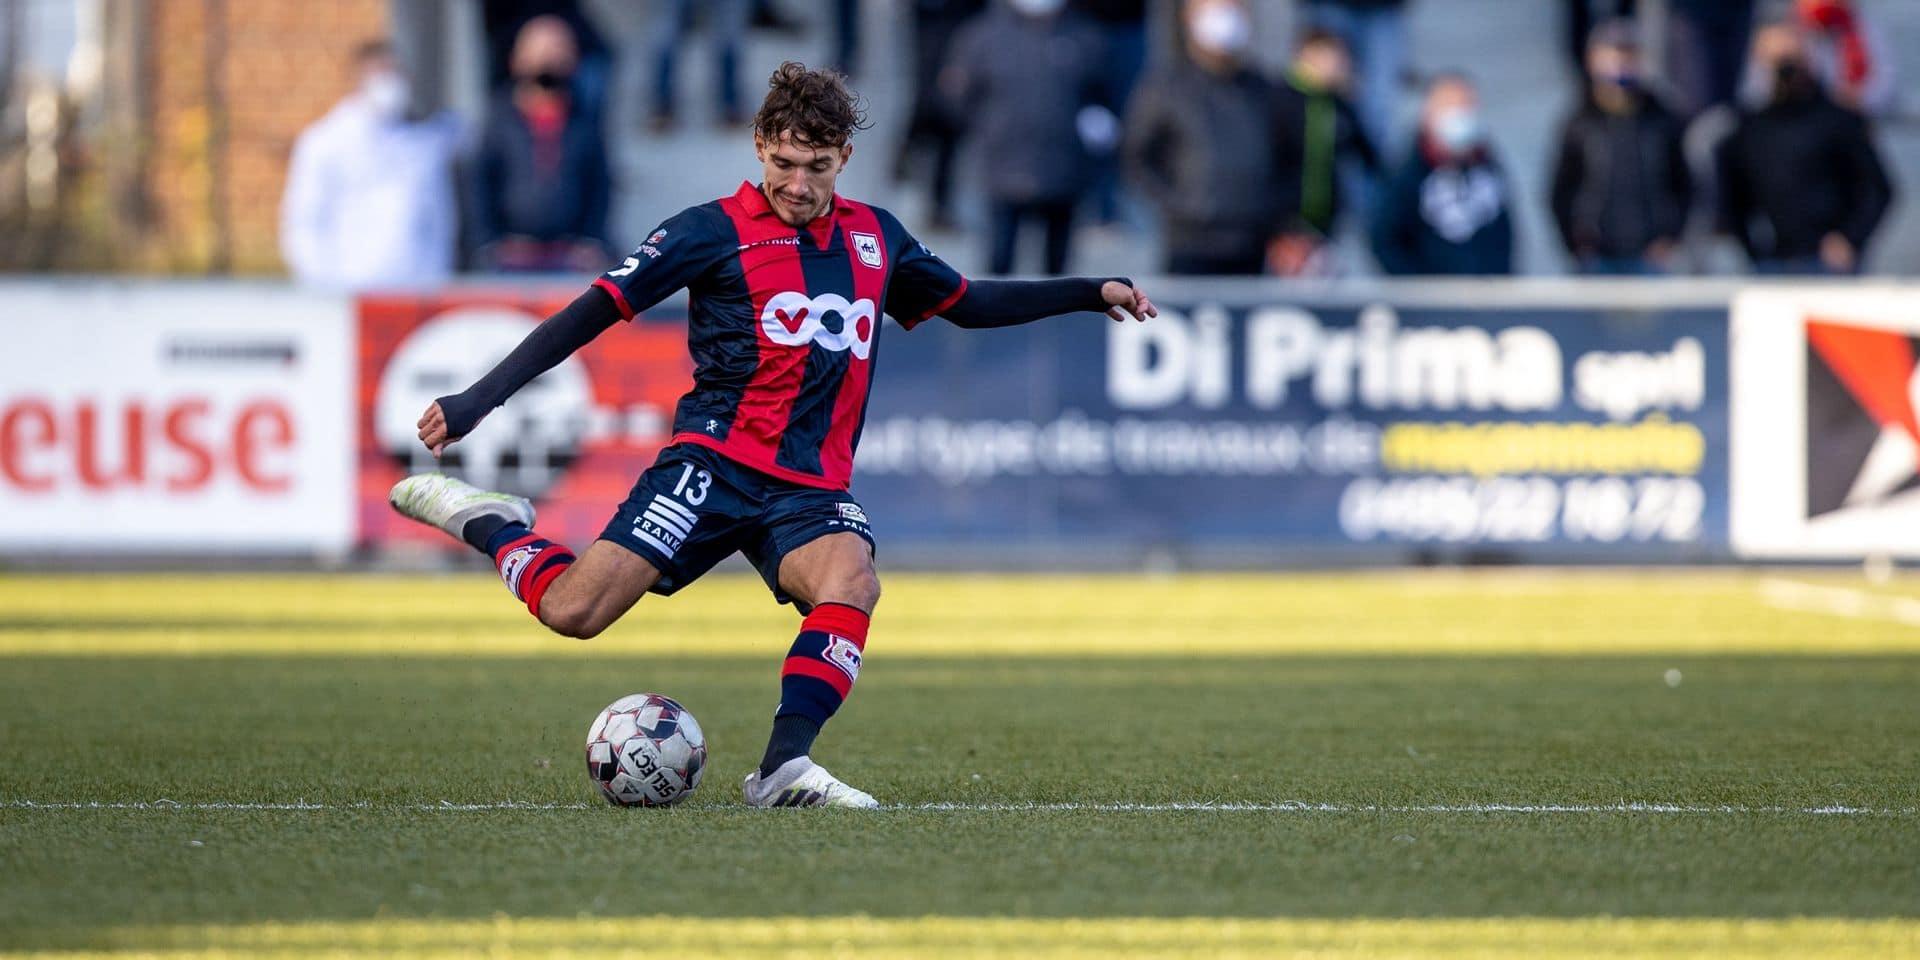 Le RFC Liège retire sa demande de licence pour la D1B mais devrait obtenir celle pour la Nationale 1